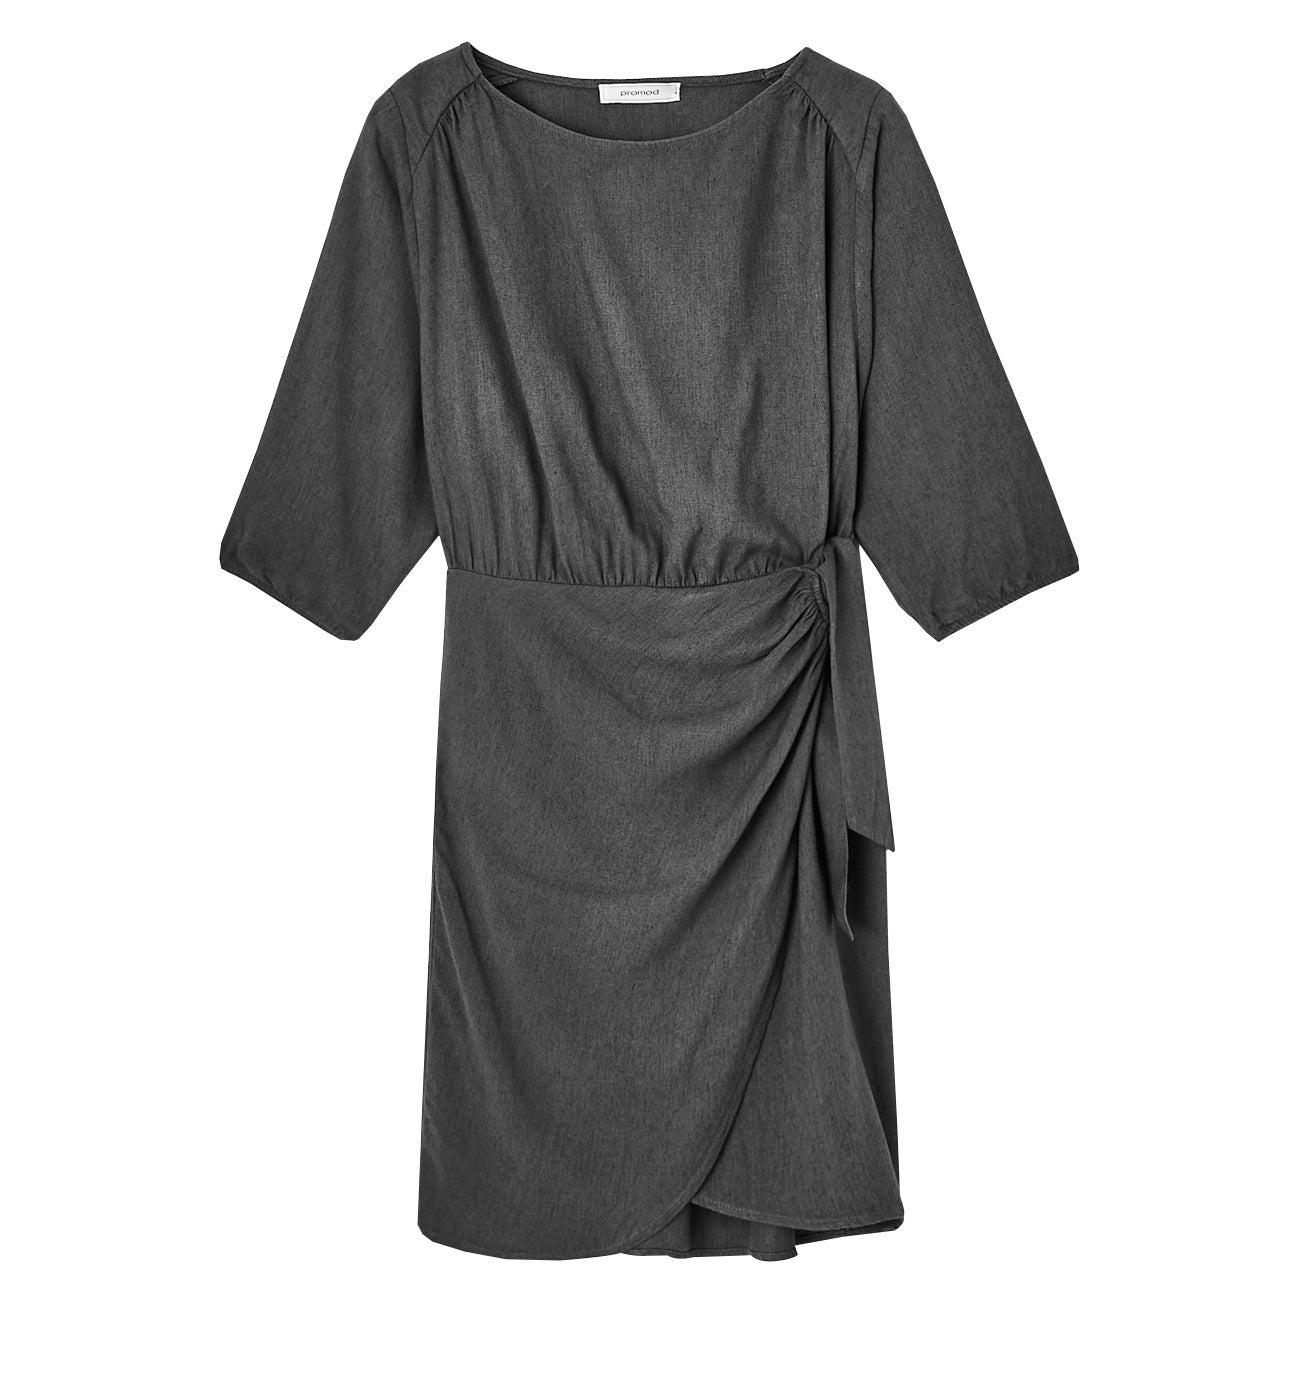 Robe courte unie Femme